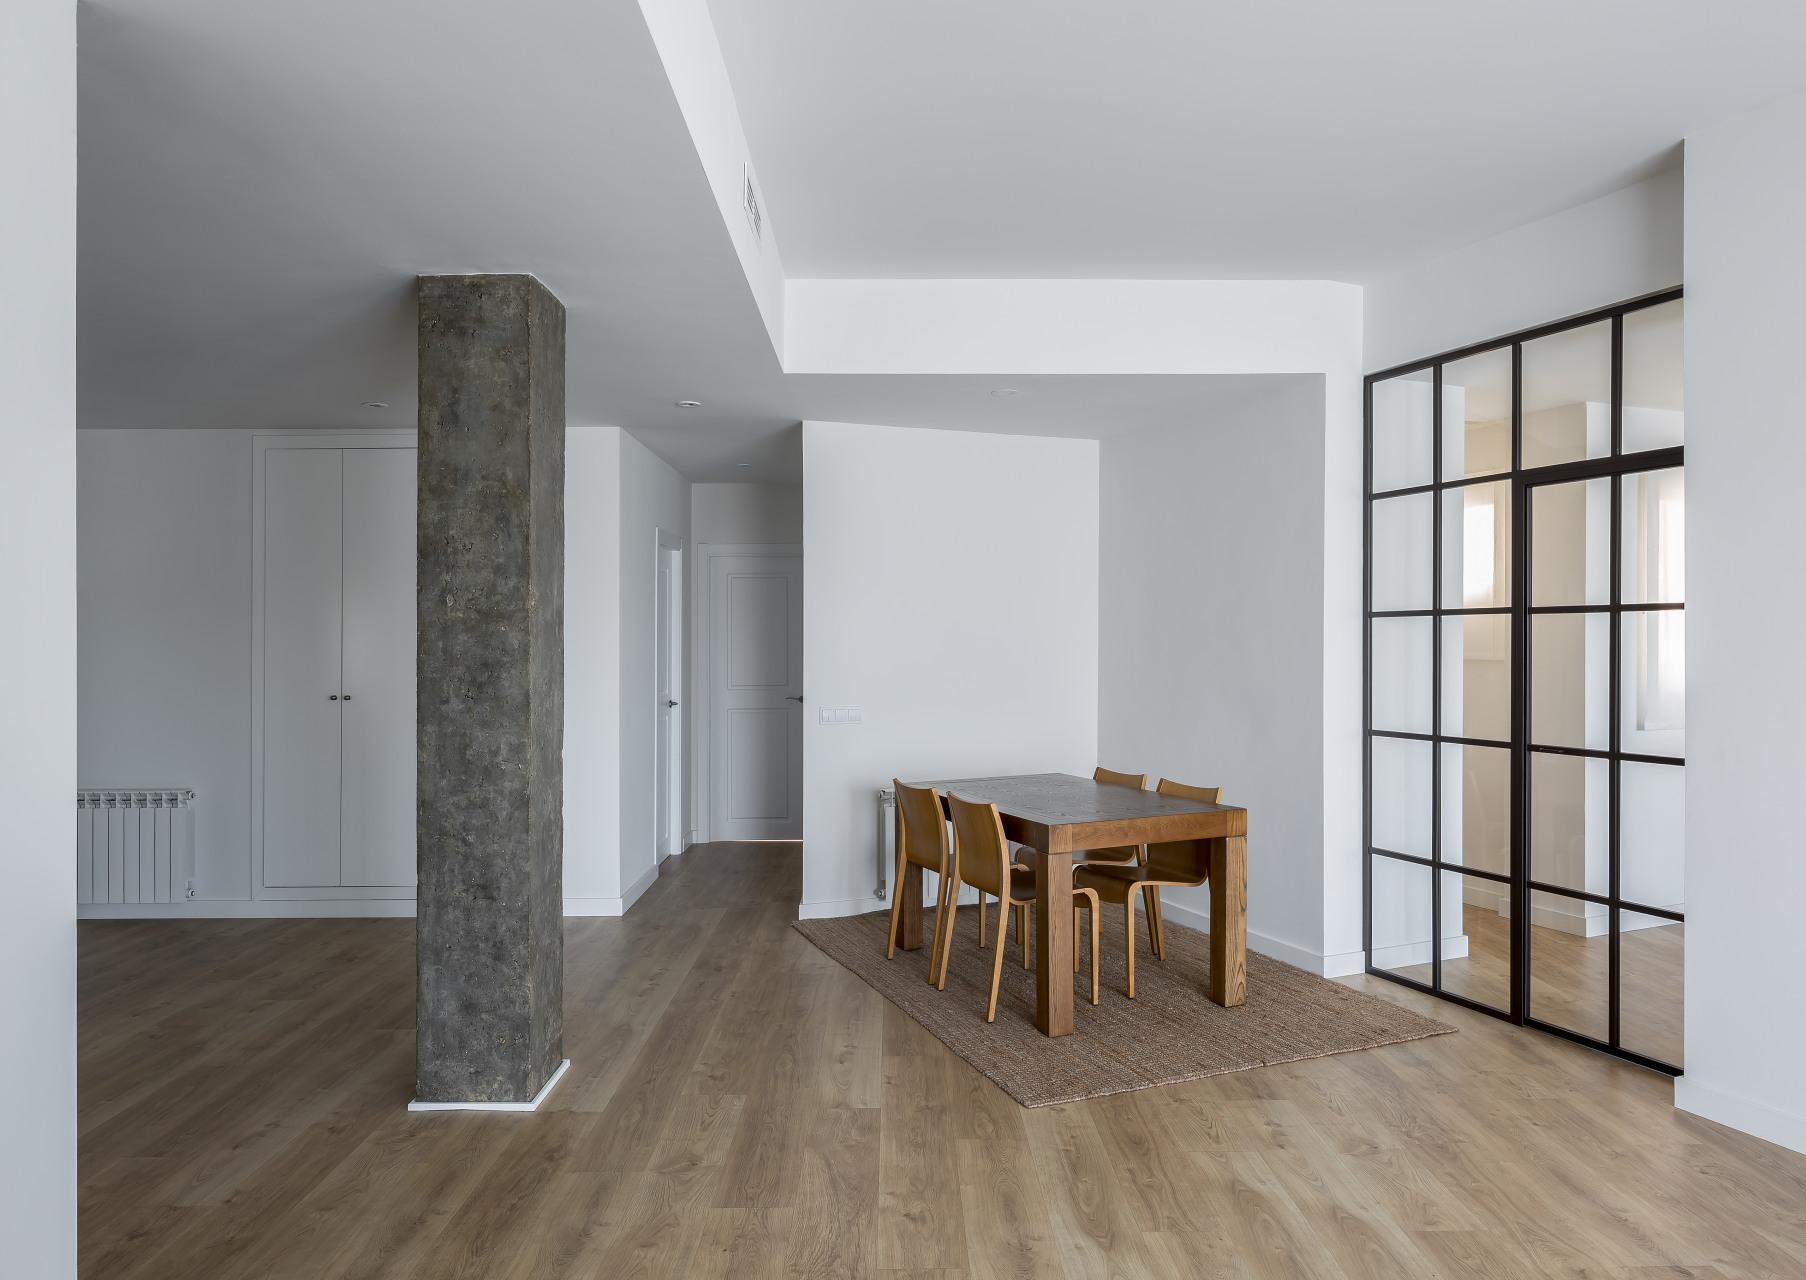 fotografia-arquitectura-valencia-german-cabo-mariola-torre-en-conill (5)